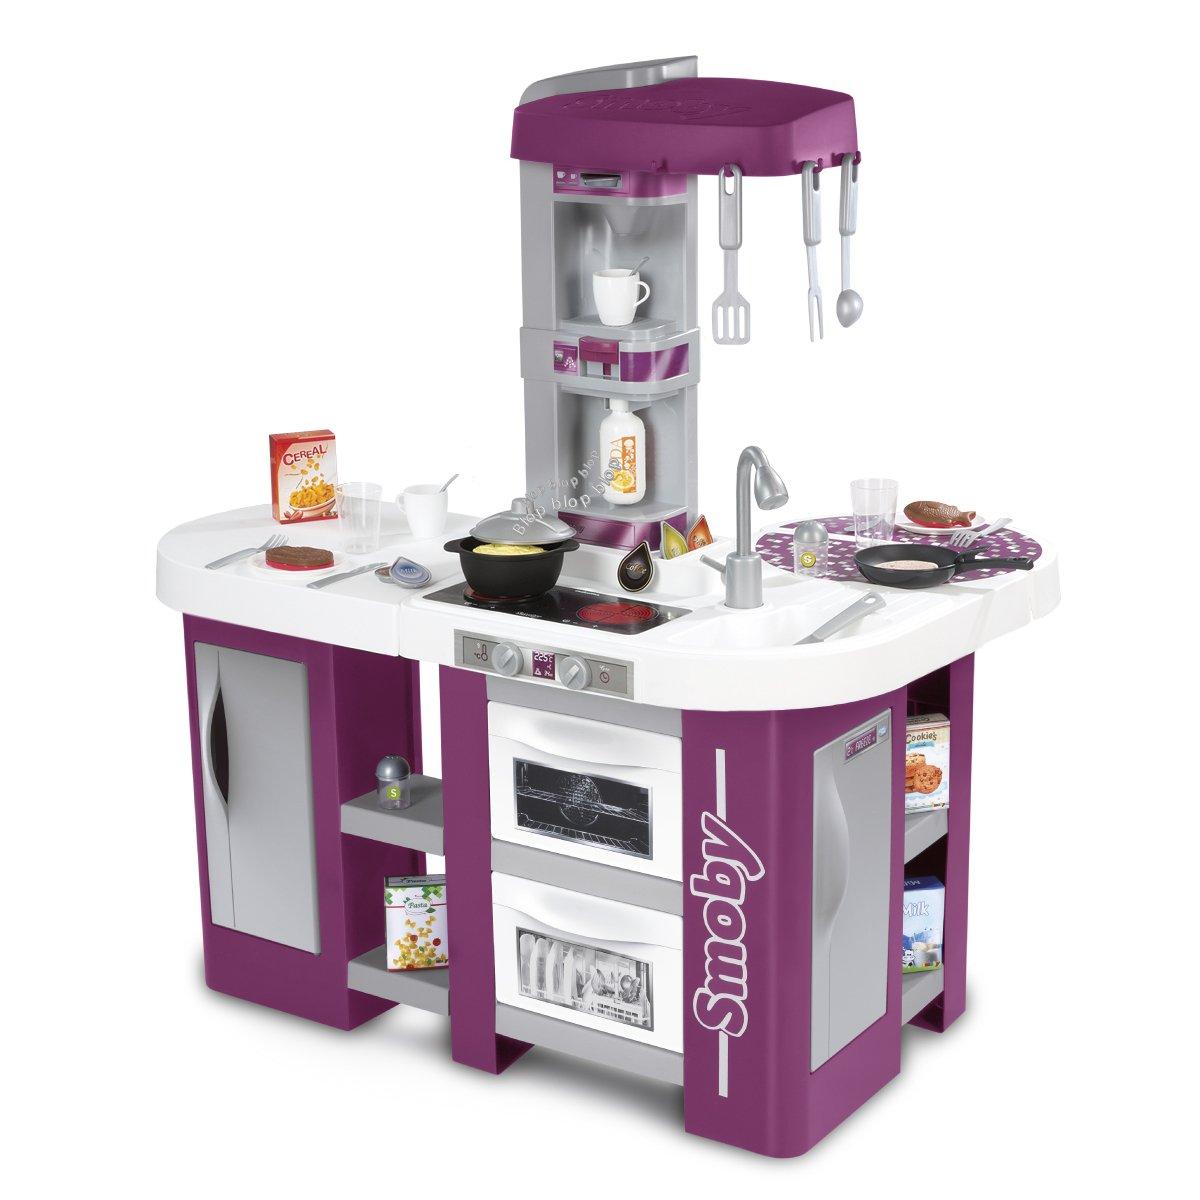 Smoby Cocina Studio XL, color morado (24129): Amazon.es: Juguetes y ...